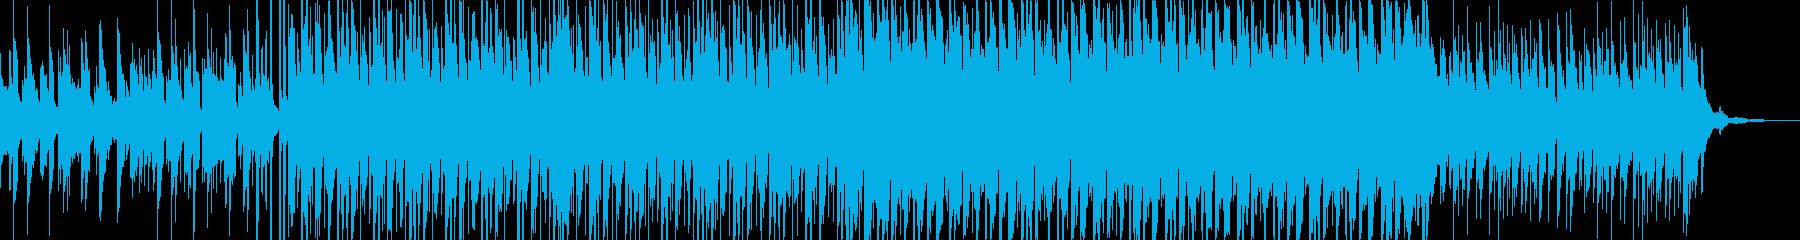 春麗らかなほのぼのゆったりエレクトロdの再生済みの波形